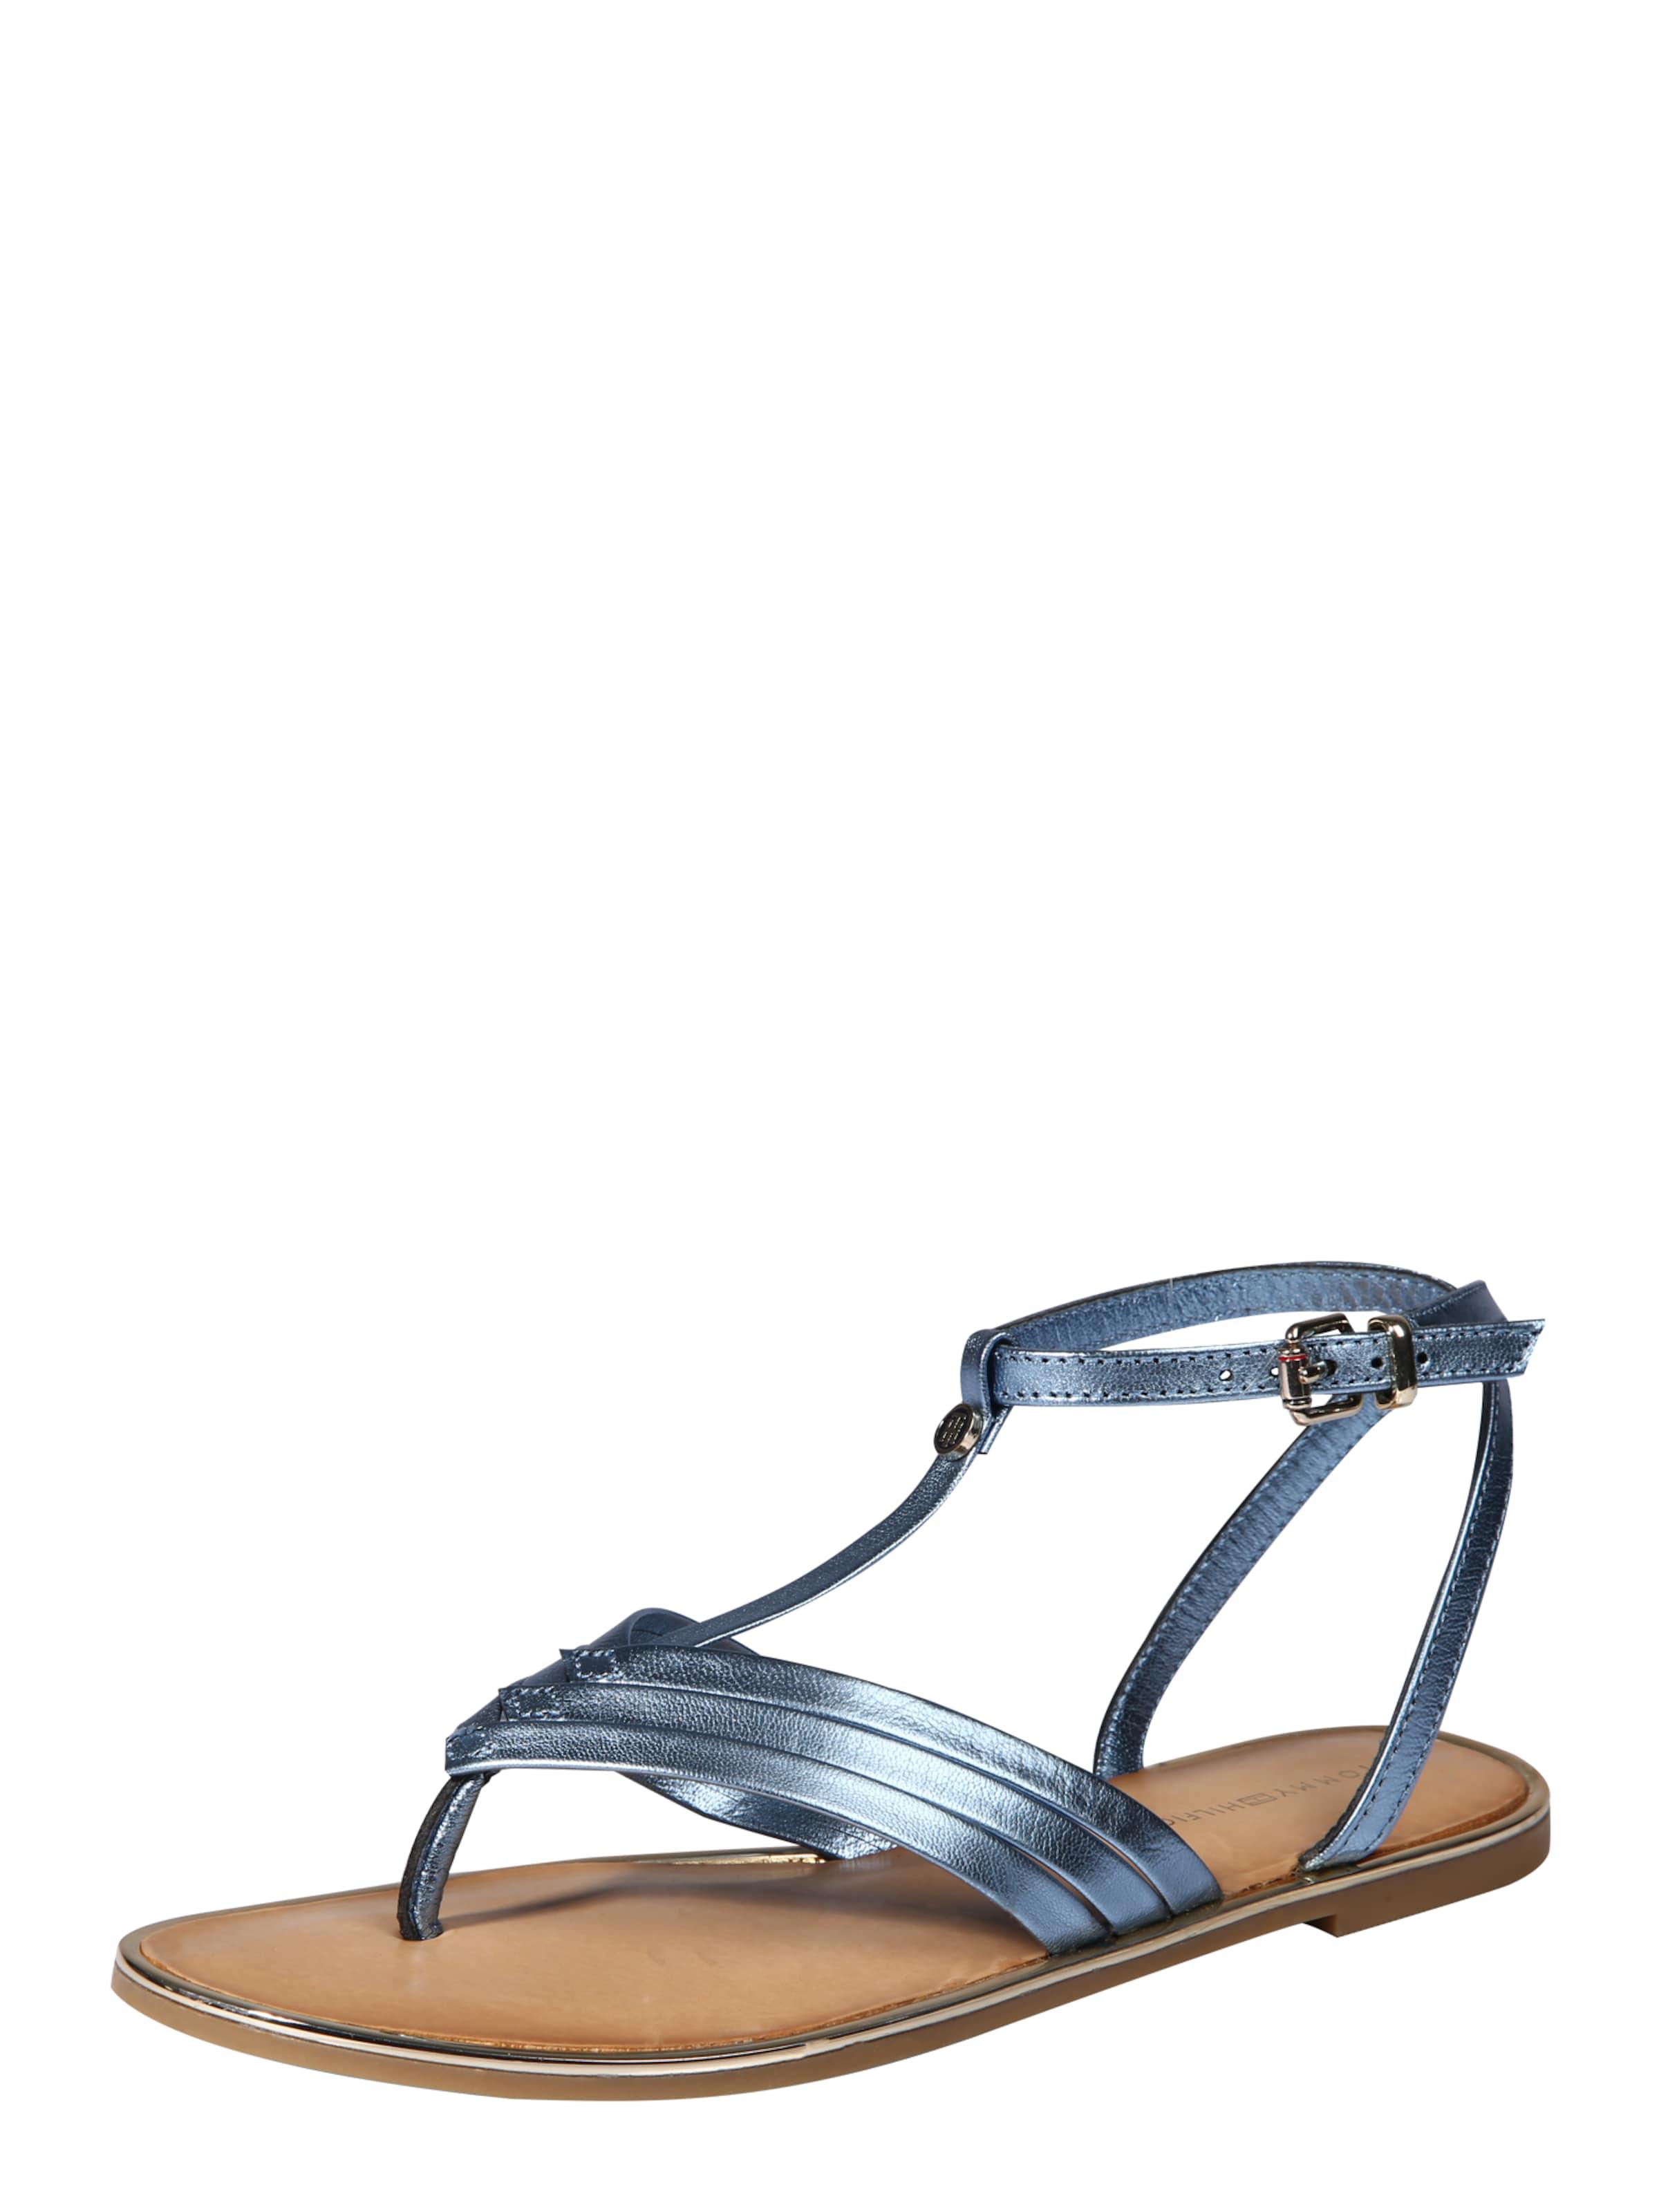 TOMMY HILFIGER | Sandale mit T-Strap Schuhe Gut getragene Schuhe